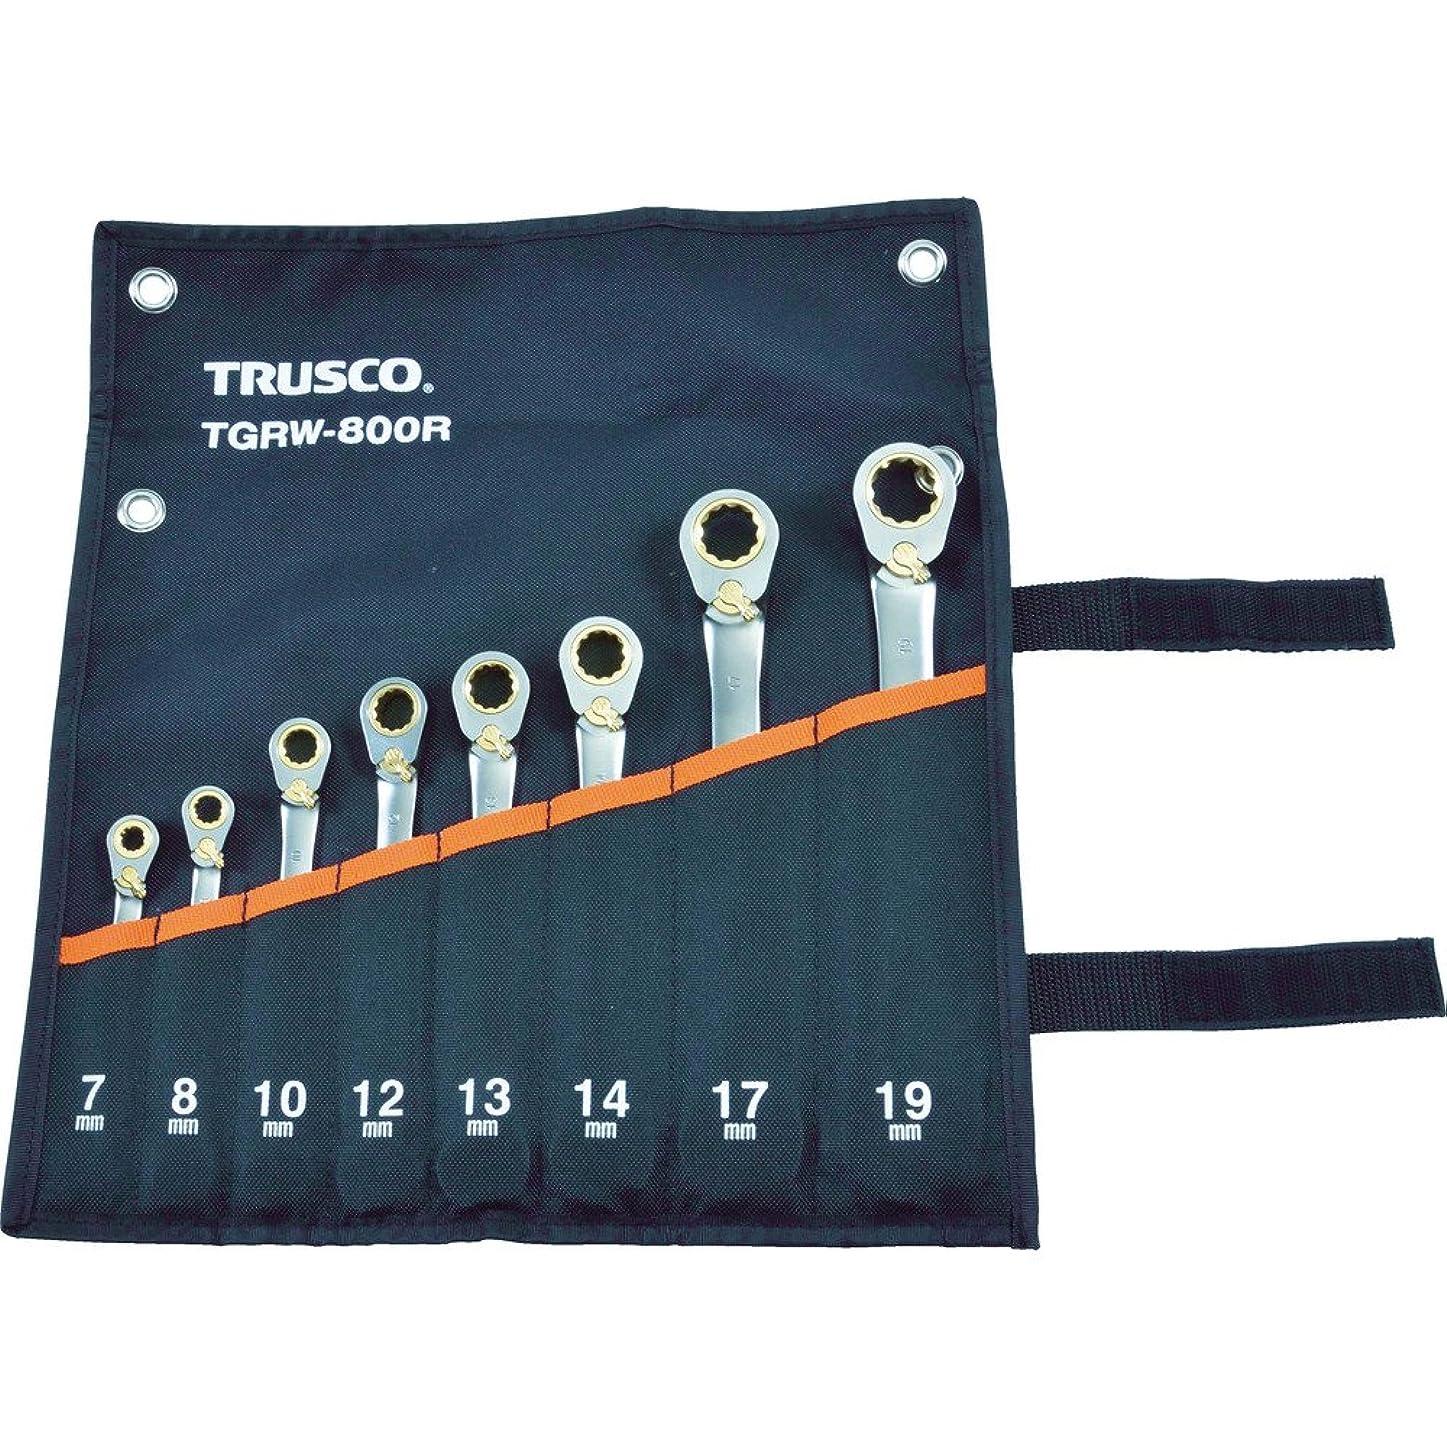 備品コロニーかみそりTRUSCO(トラスコ) 切替式ラチェットコンビネーションレンチセット(スタンダード)8本組 TGRW-800R